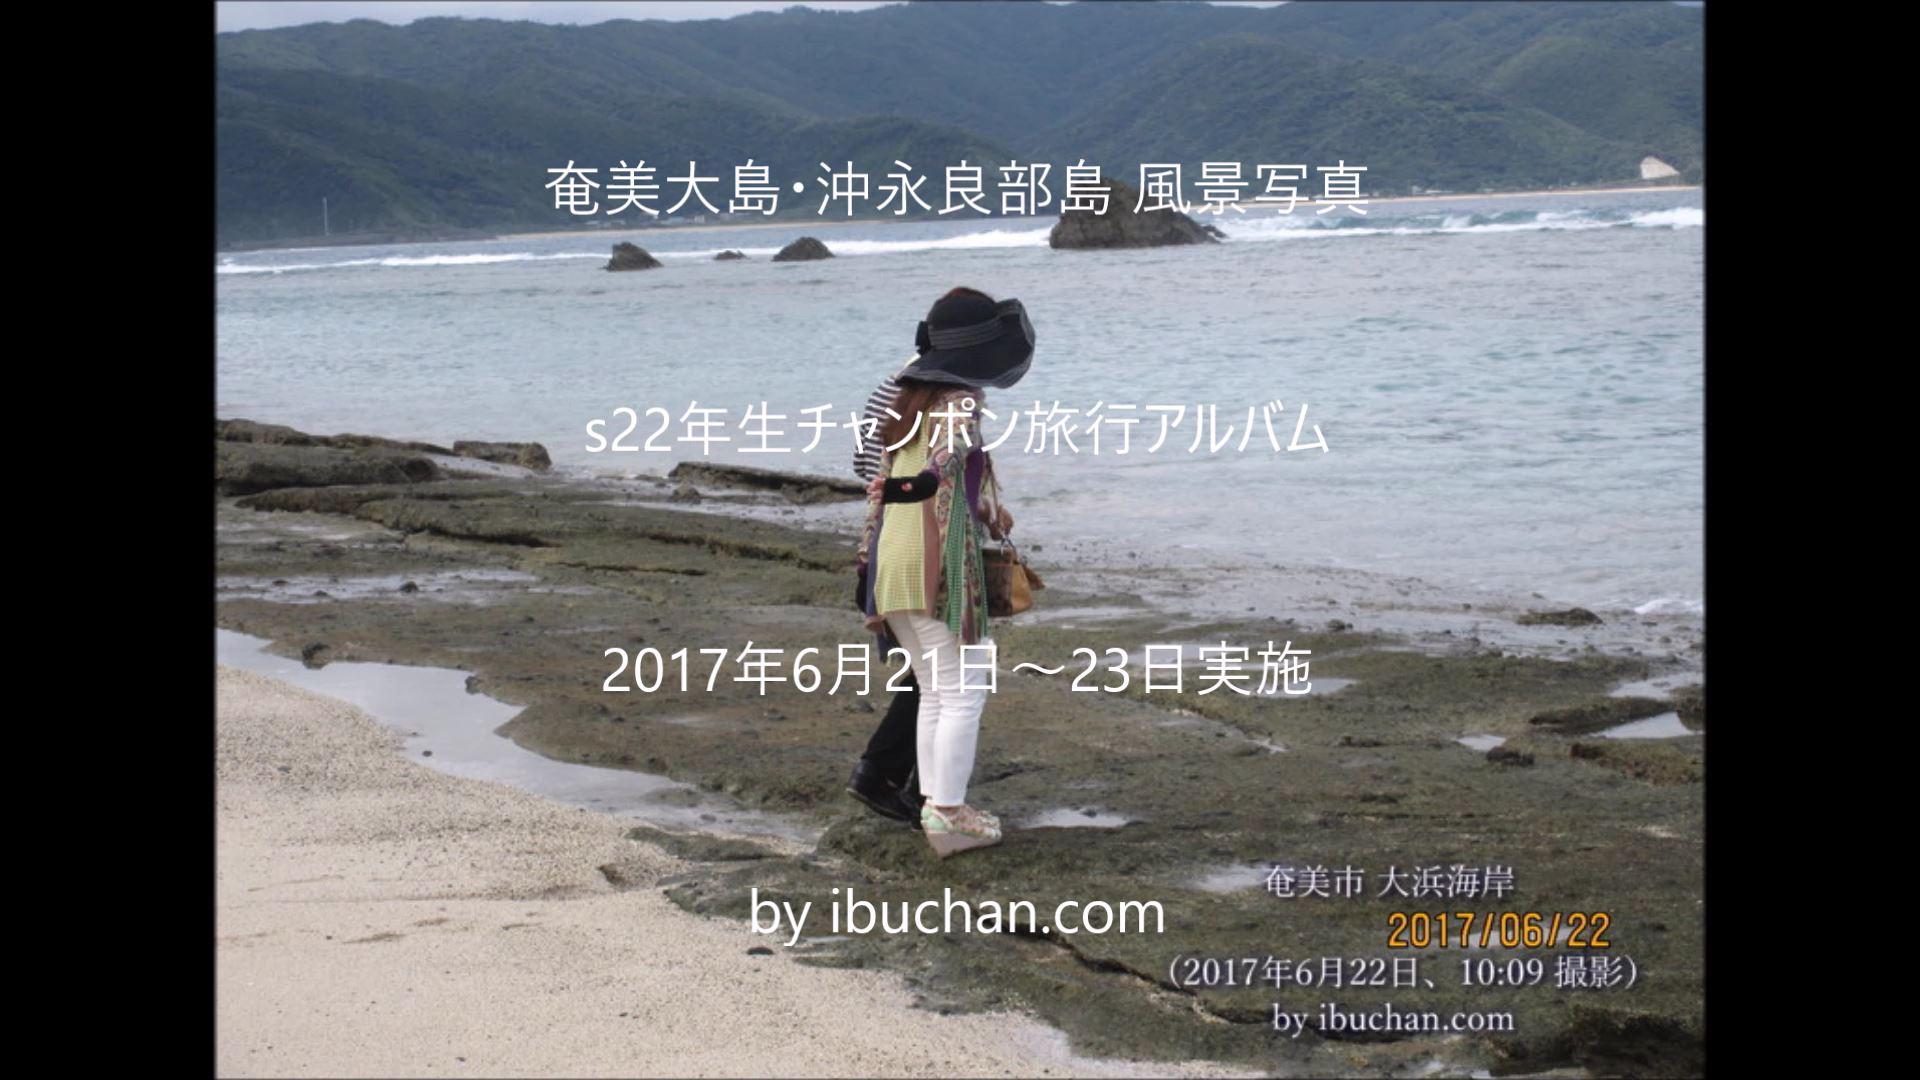 大島本島・沖永良部島旅行